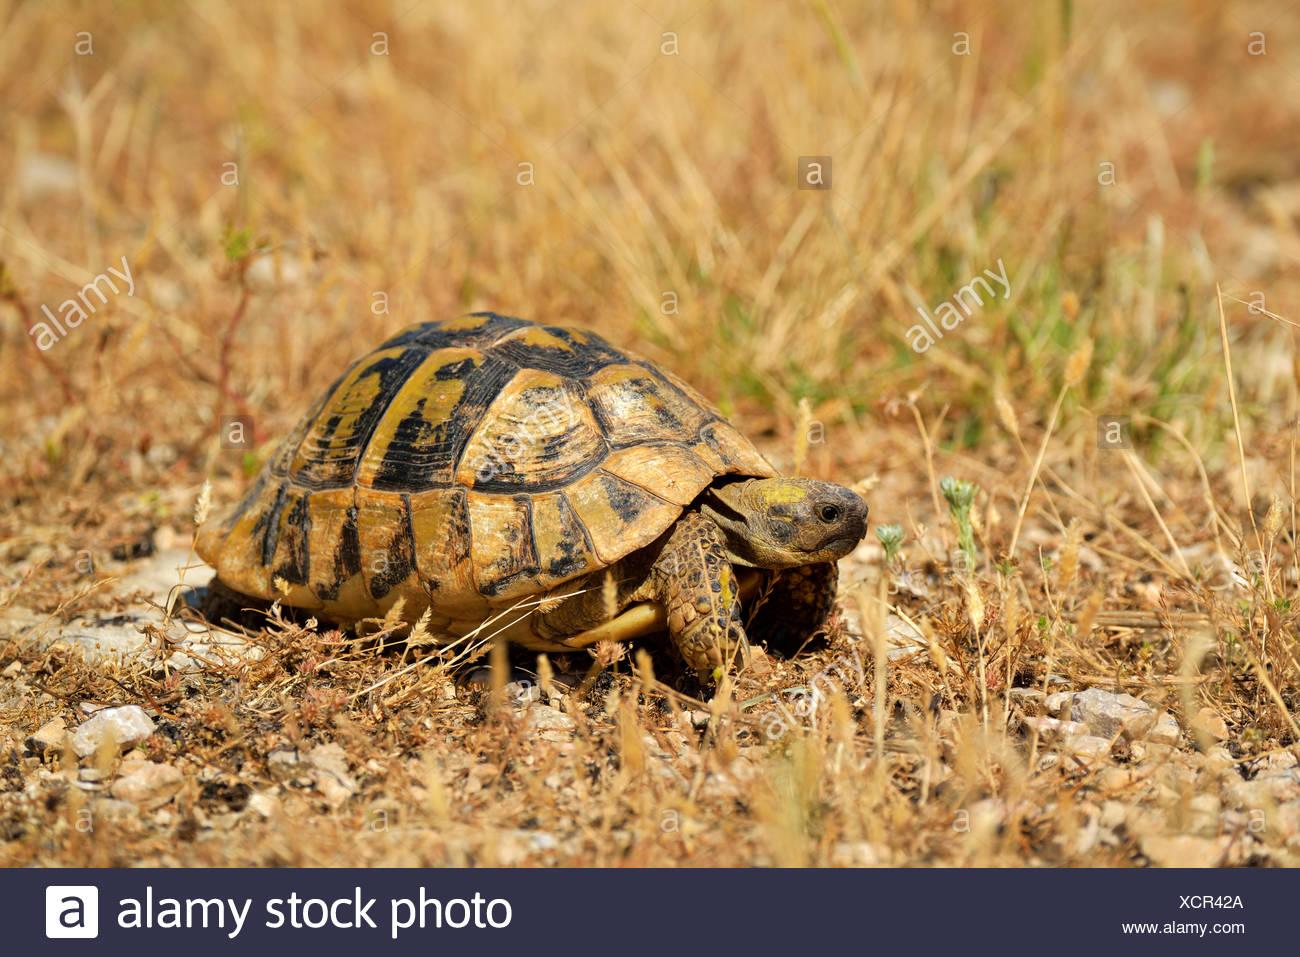 Dalmatian Tortoise (Testudo hermanni hercegovinensis), Dalmatia, Croatia - Stock Image